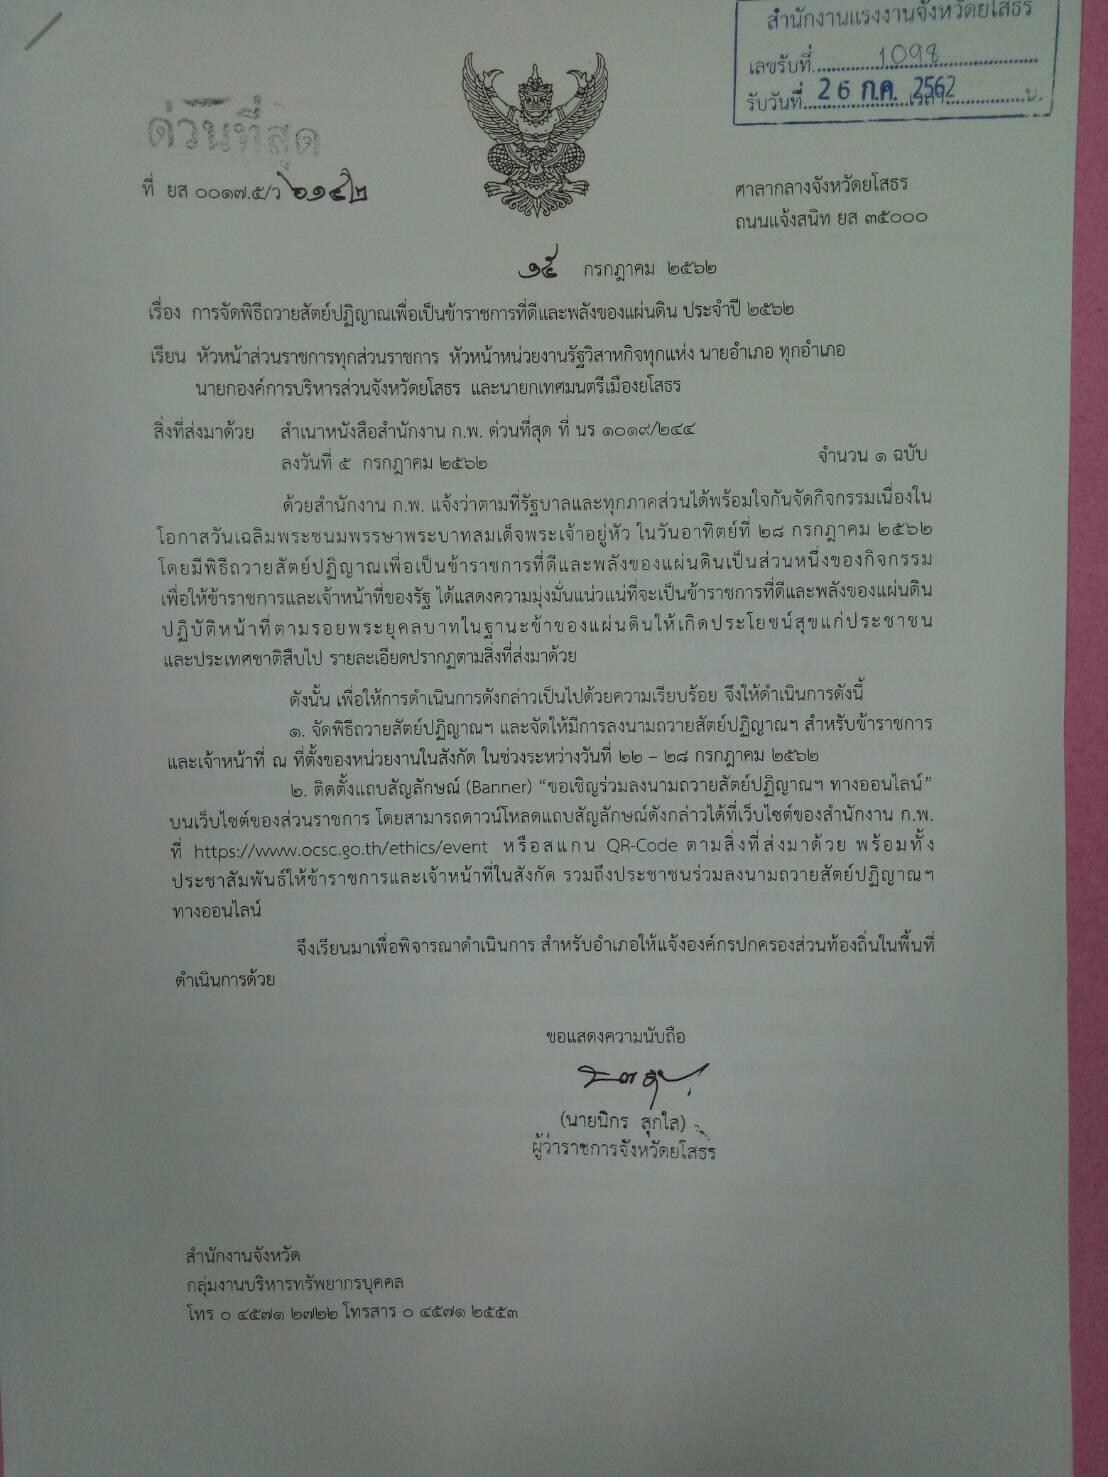 ขอเชิญร่วมลงนามถวายสัตย์ปฎิญาณเพื่อเป็นข้าราชการที่ดีและพลังของแผ่นดิน ปี 2562